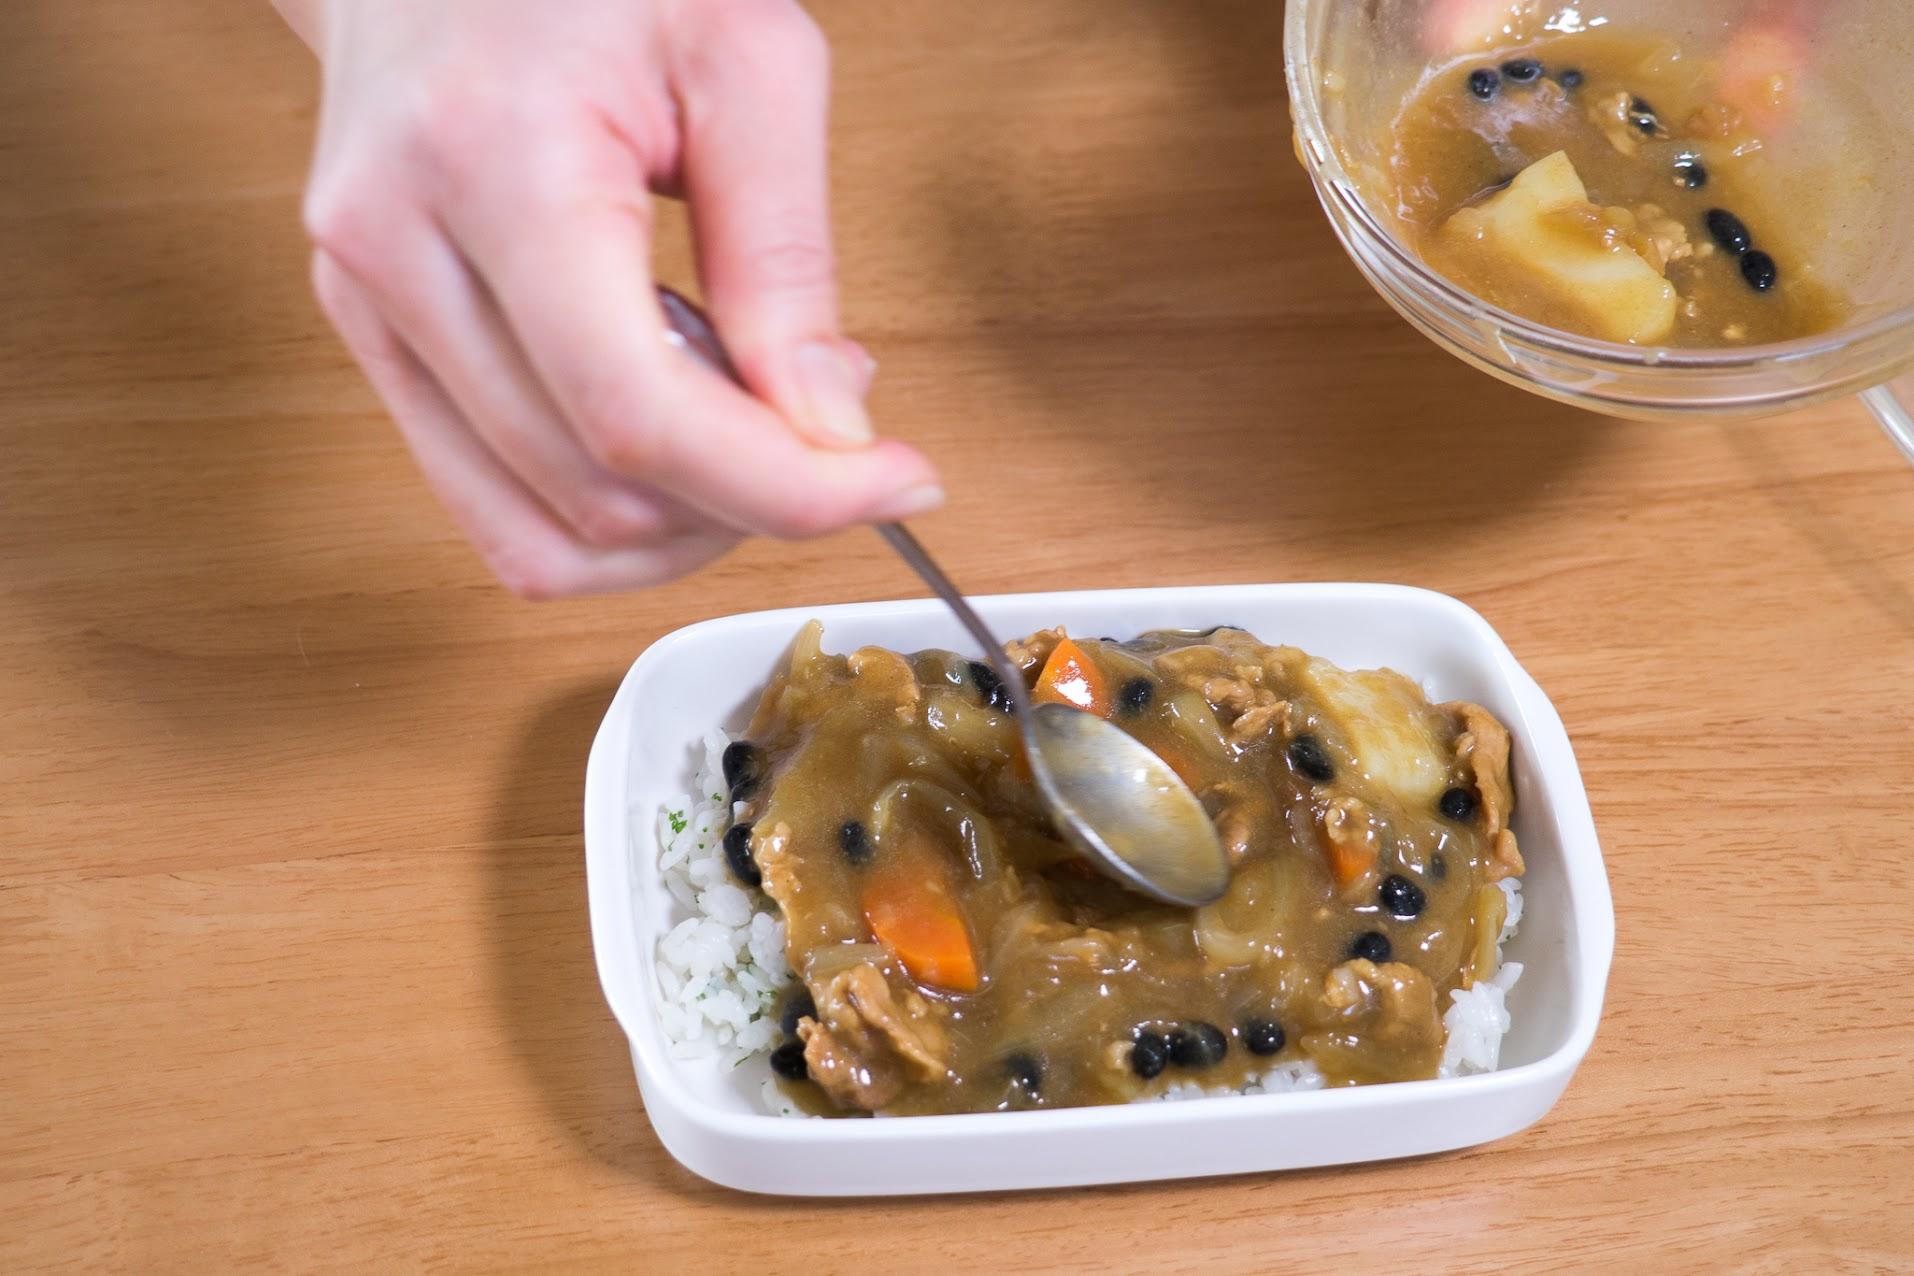 黒千石レシピ:黒千石大豆入り焼きチーズカレー・作り方